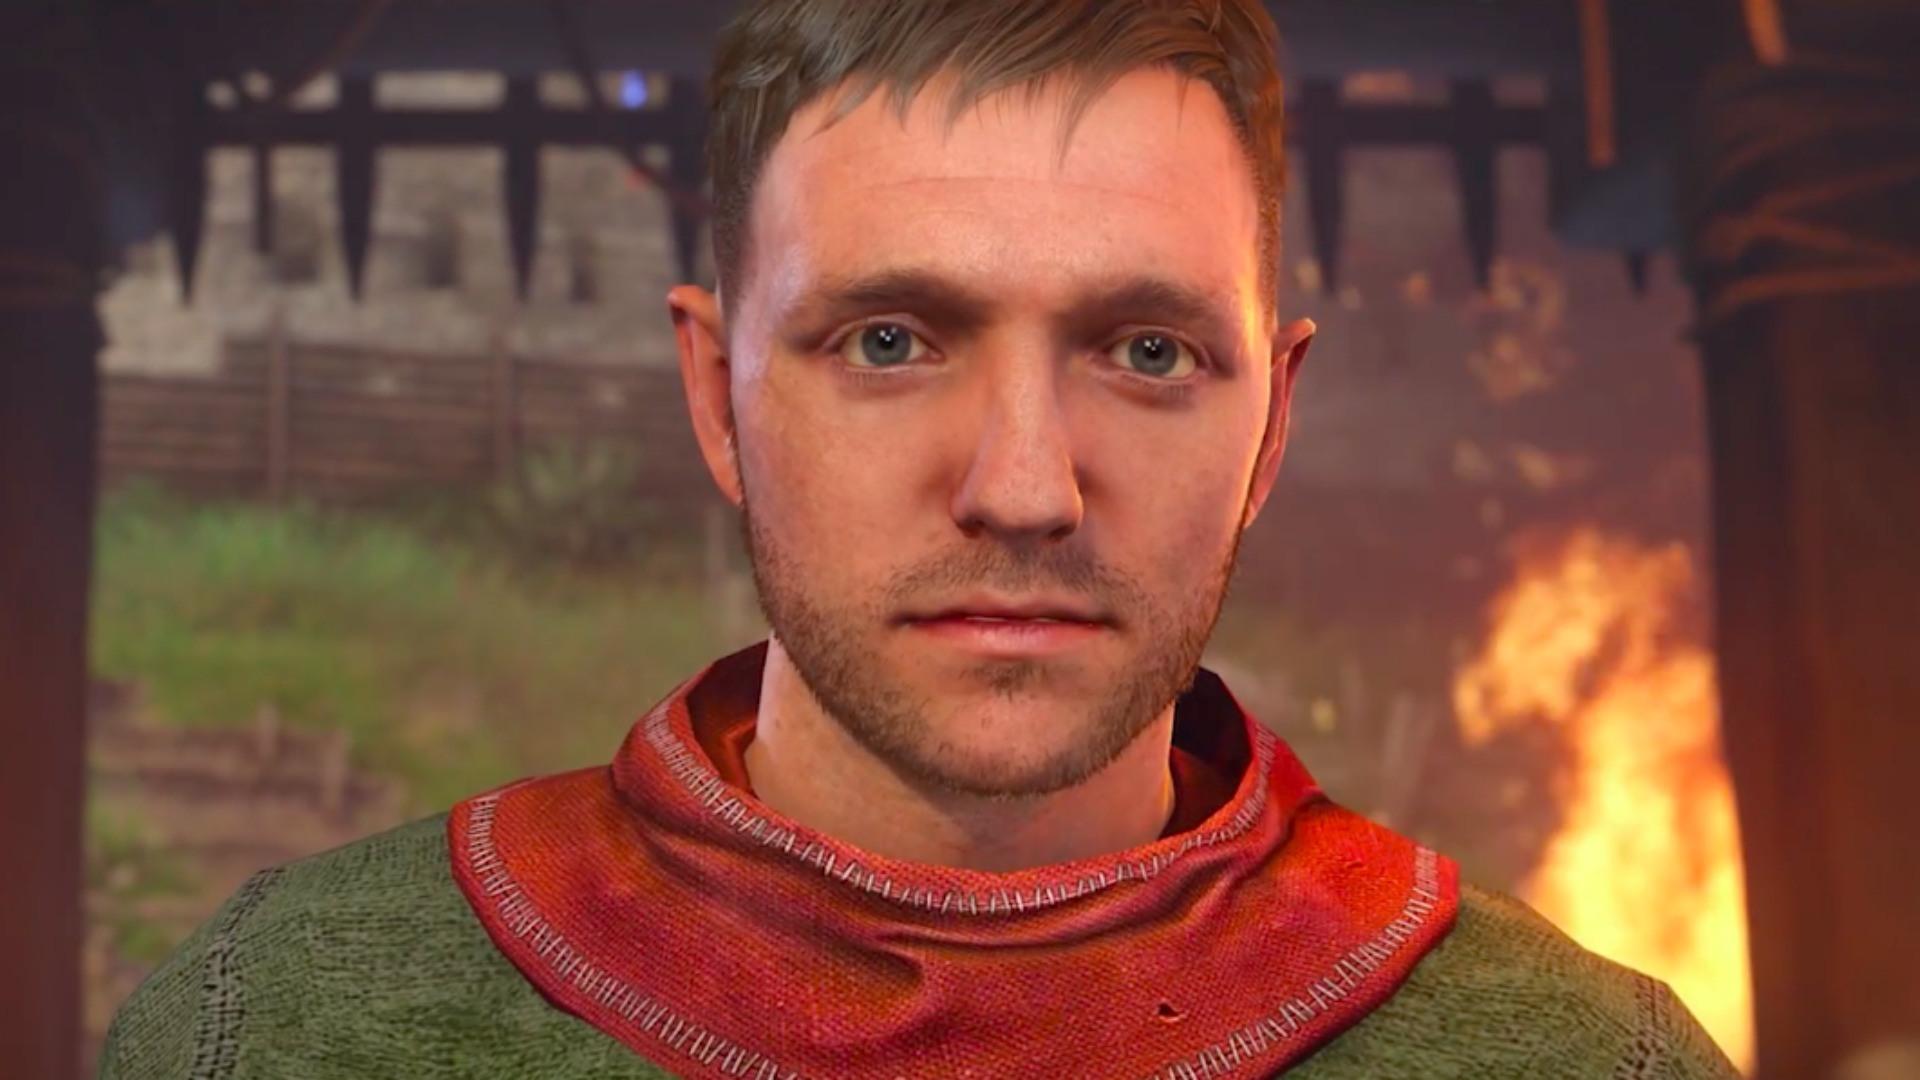 Henry of Skalitz